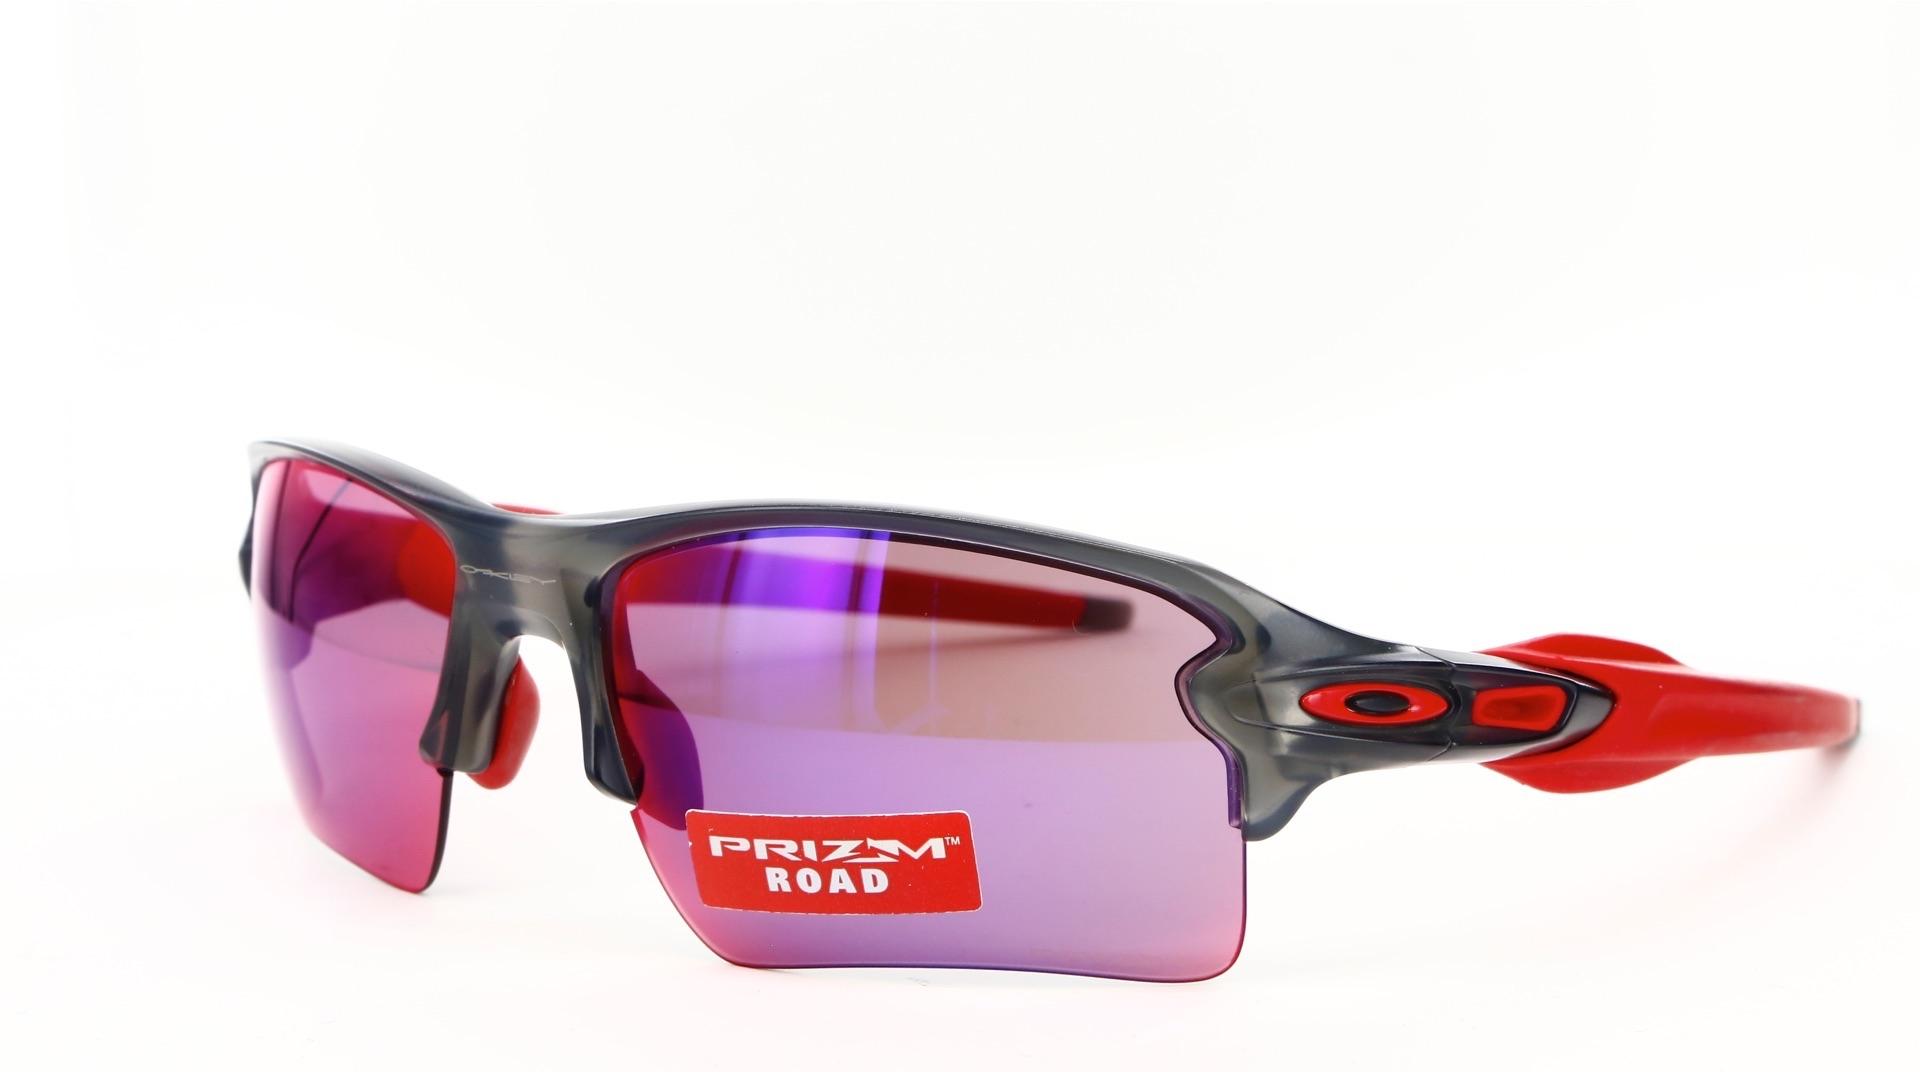 Oakley - ref: 74070